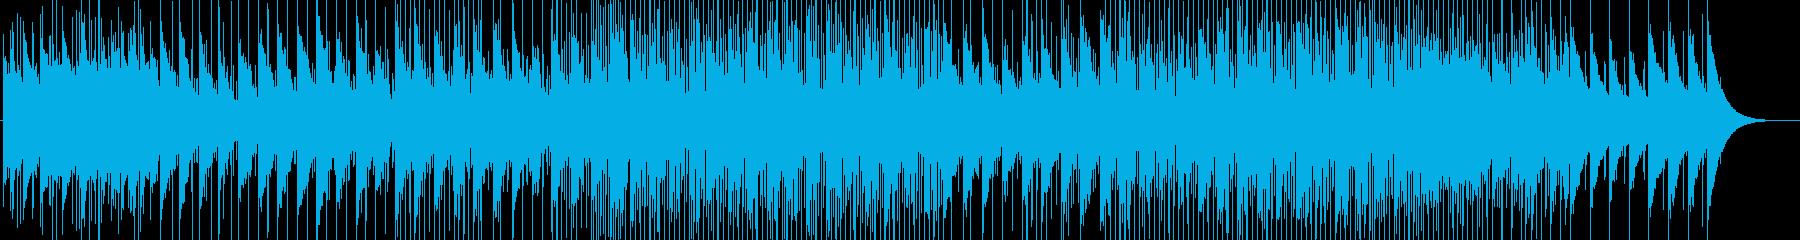 エレクトロソウル-軽快-動画-料理-CMの再生済みの波形